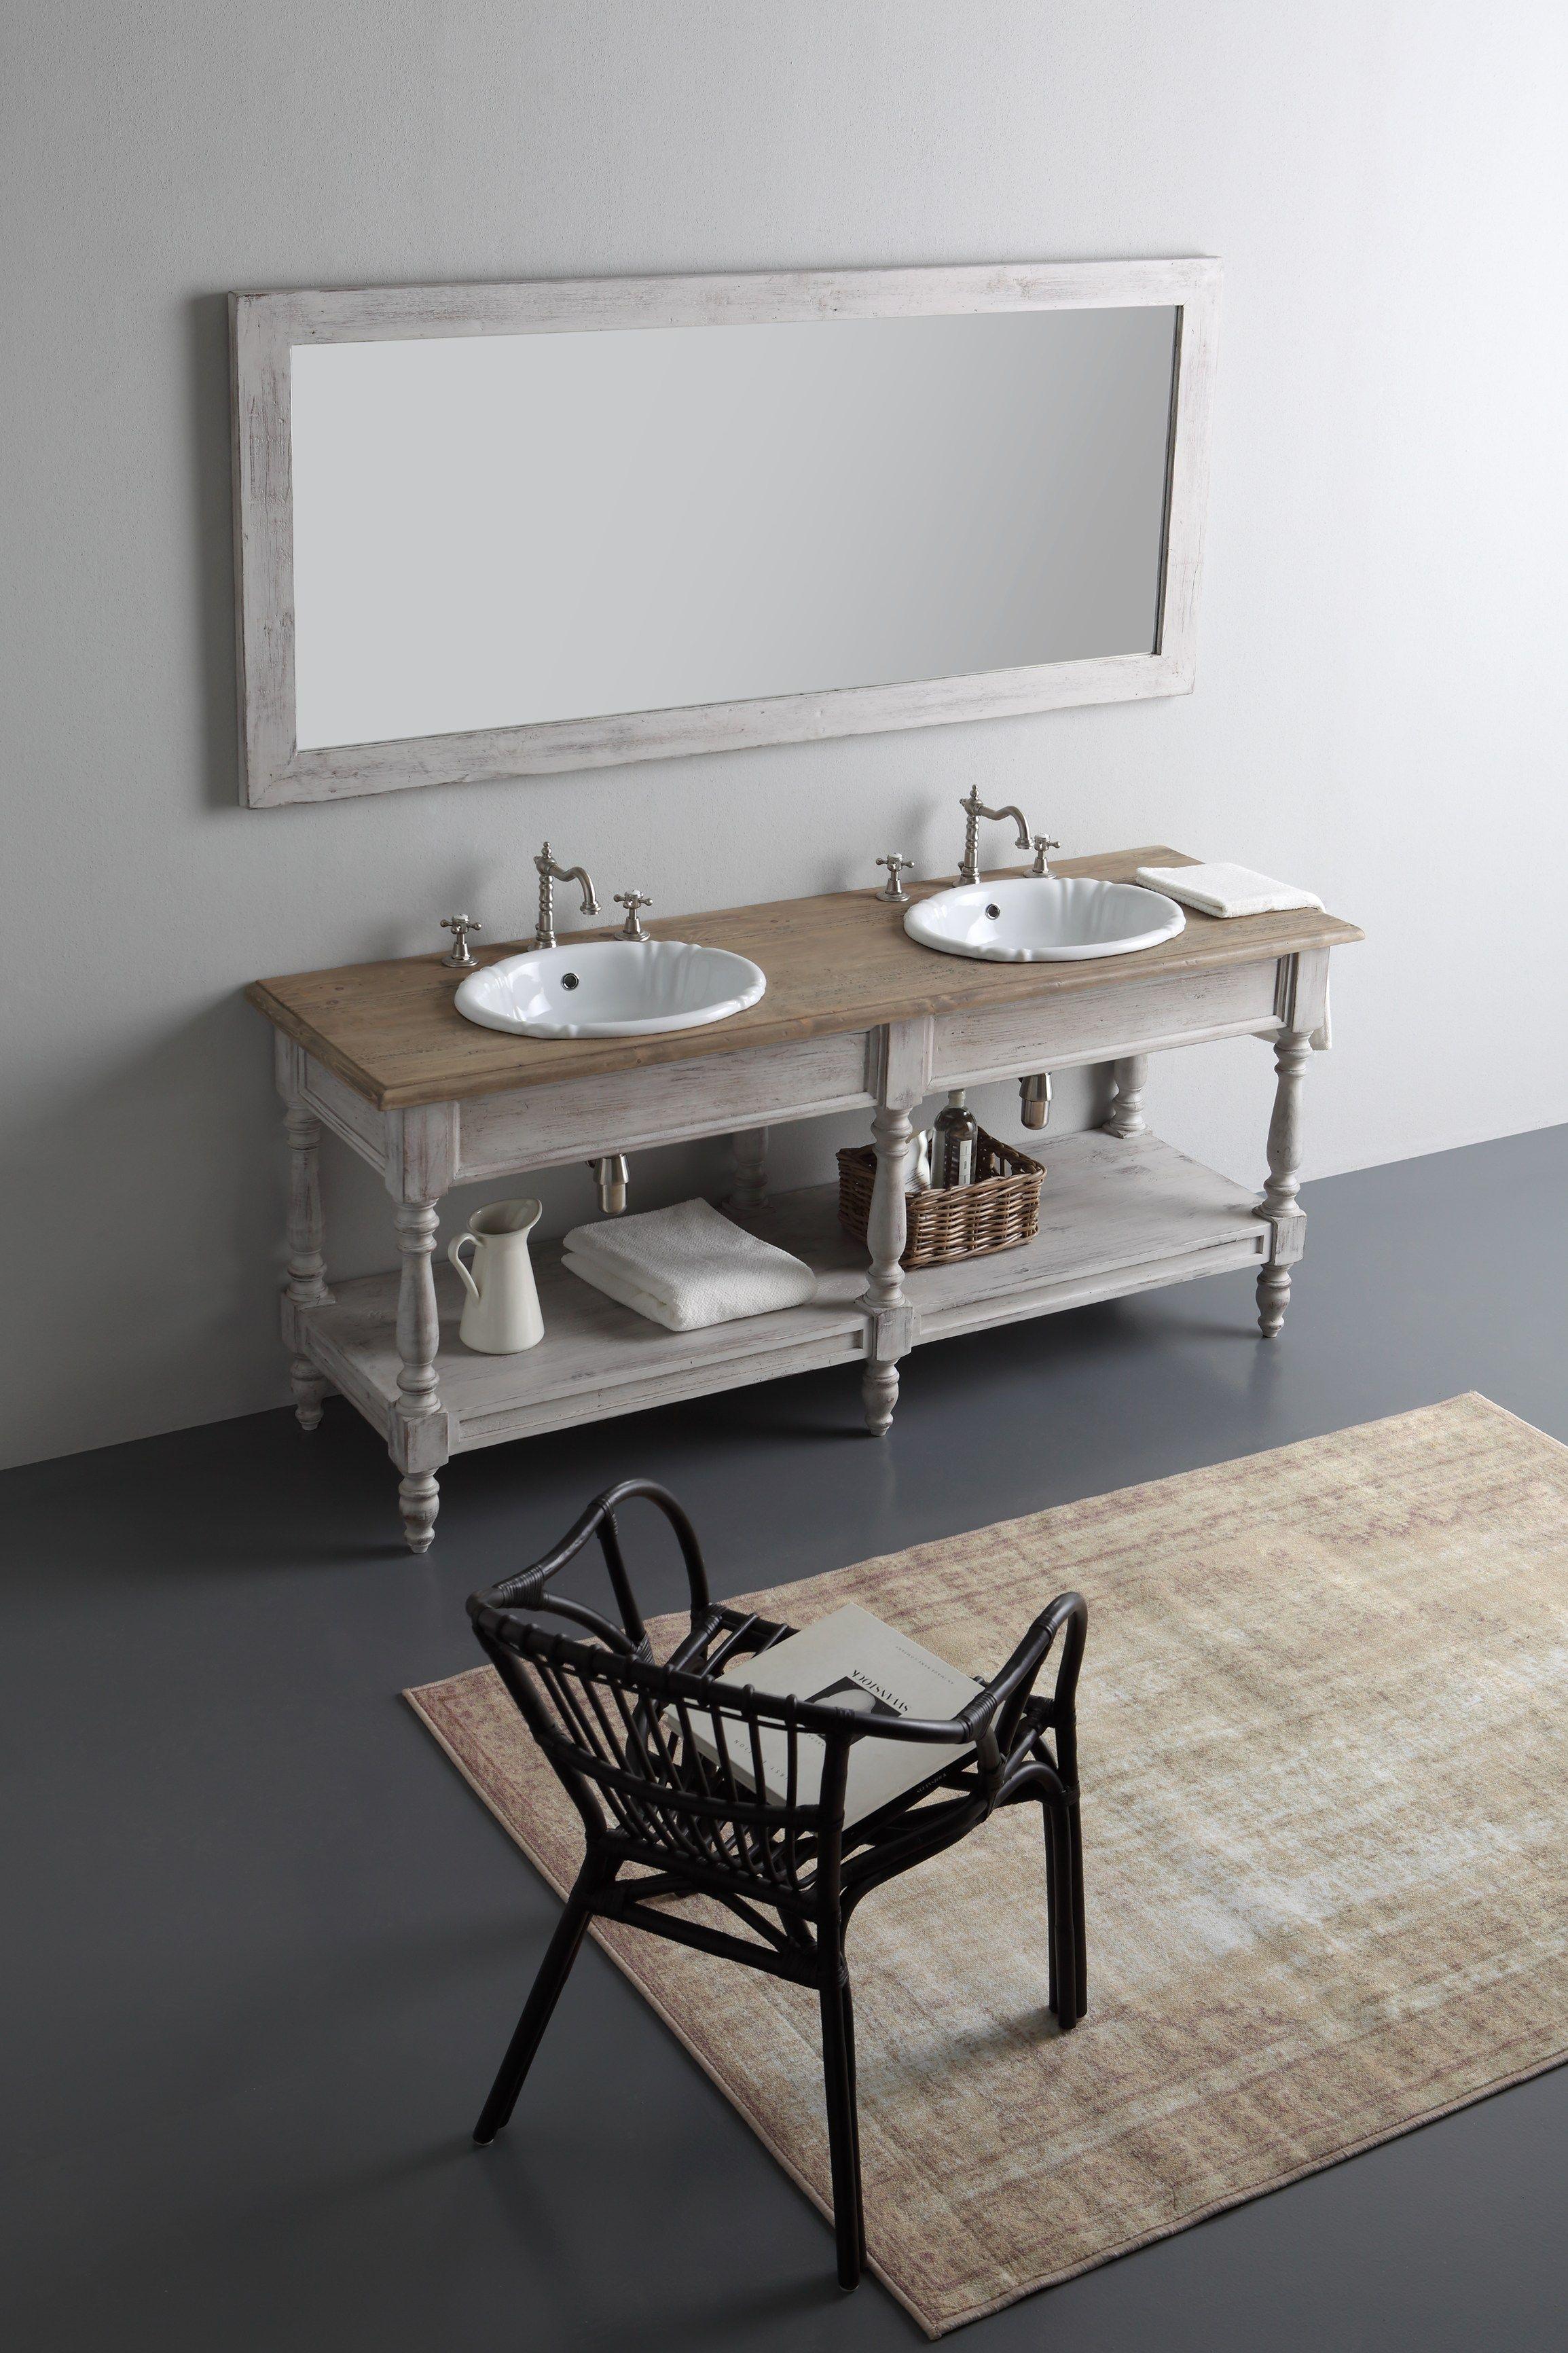 deco | mobile bagno by bleu provence - Arredo Bagno Stile Classico